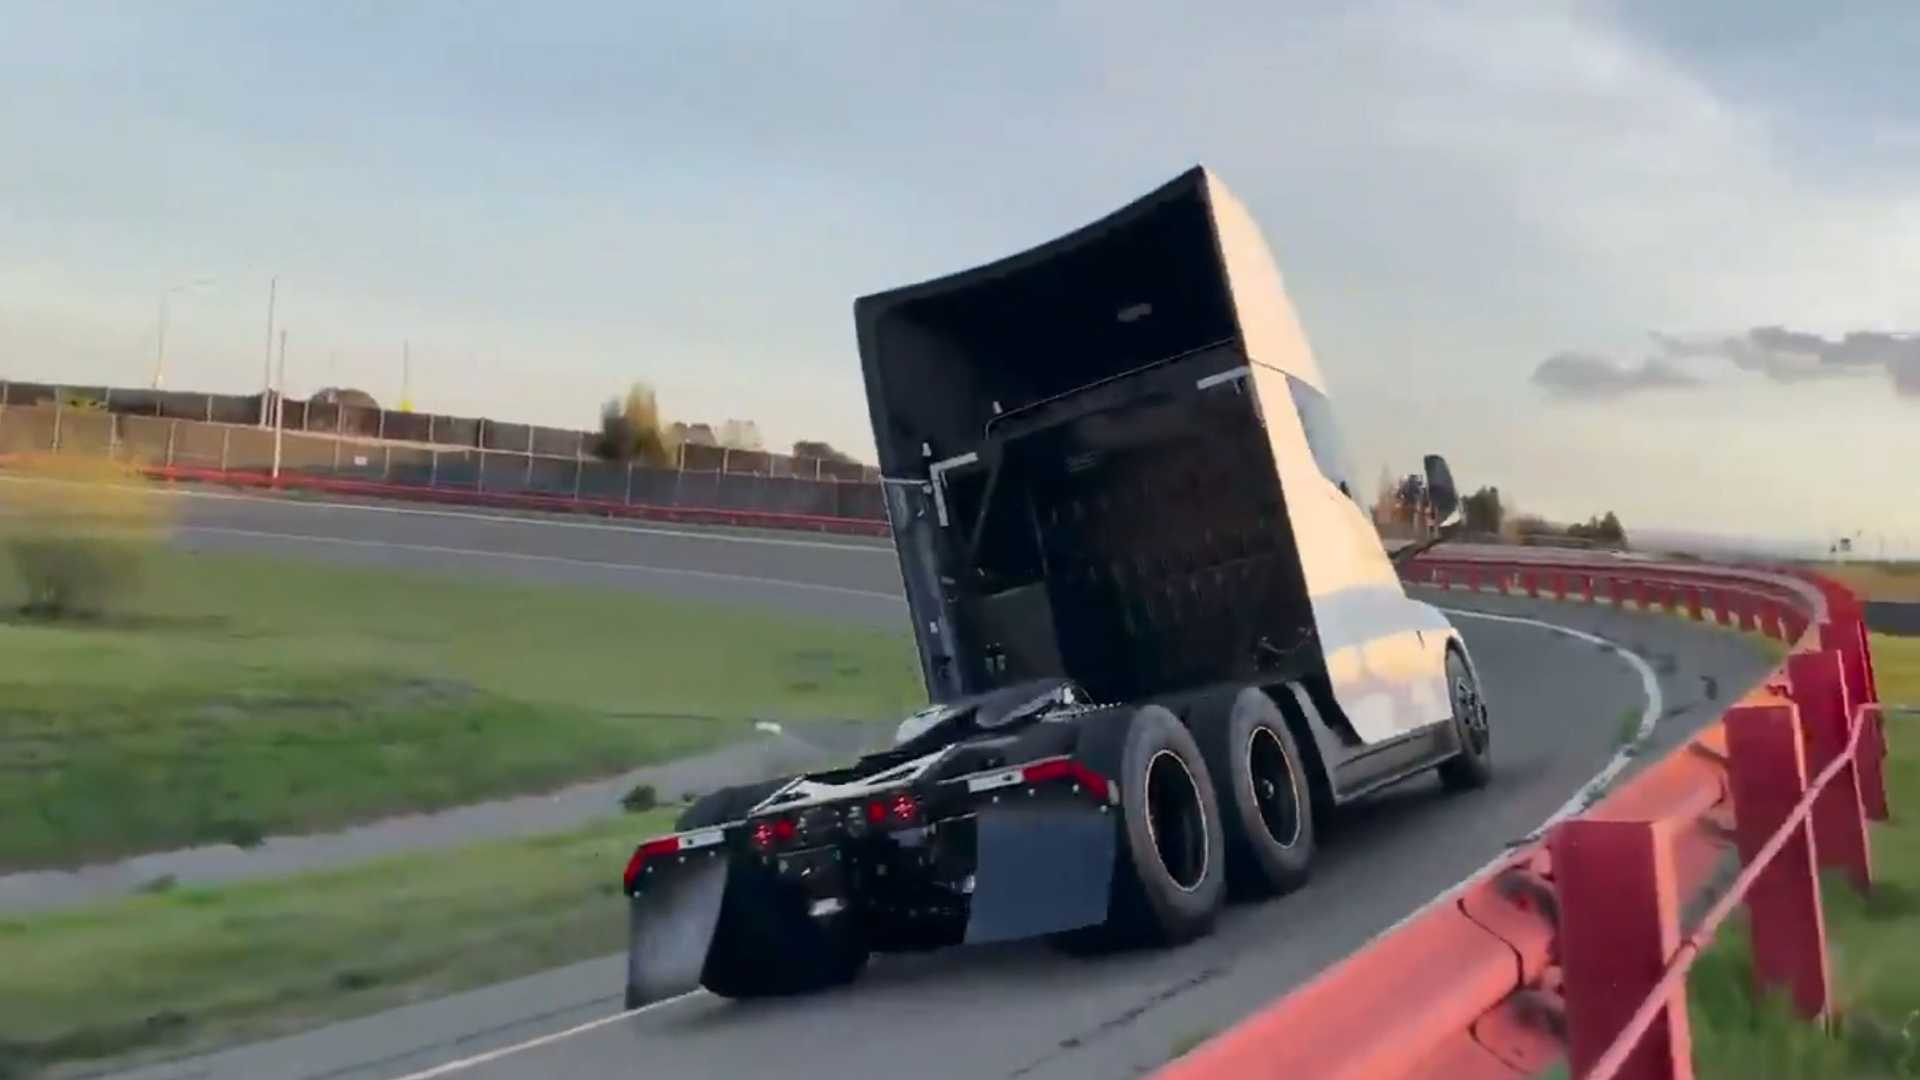 Ťahač Tesla Semi na testovacej trati (Foto: Twitter/Tesla)